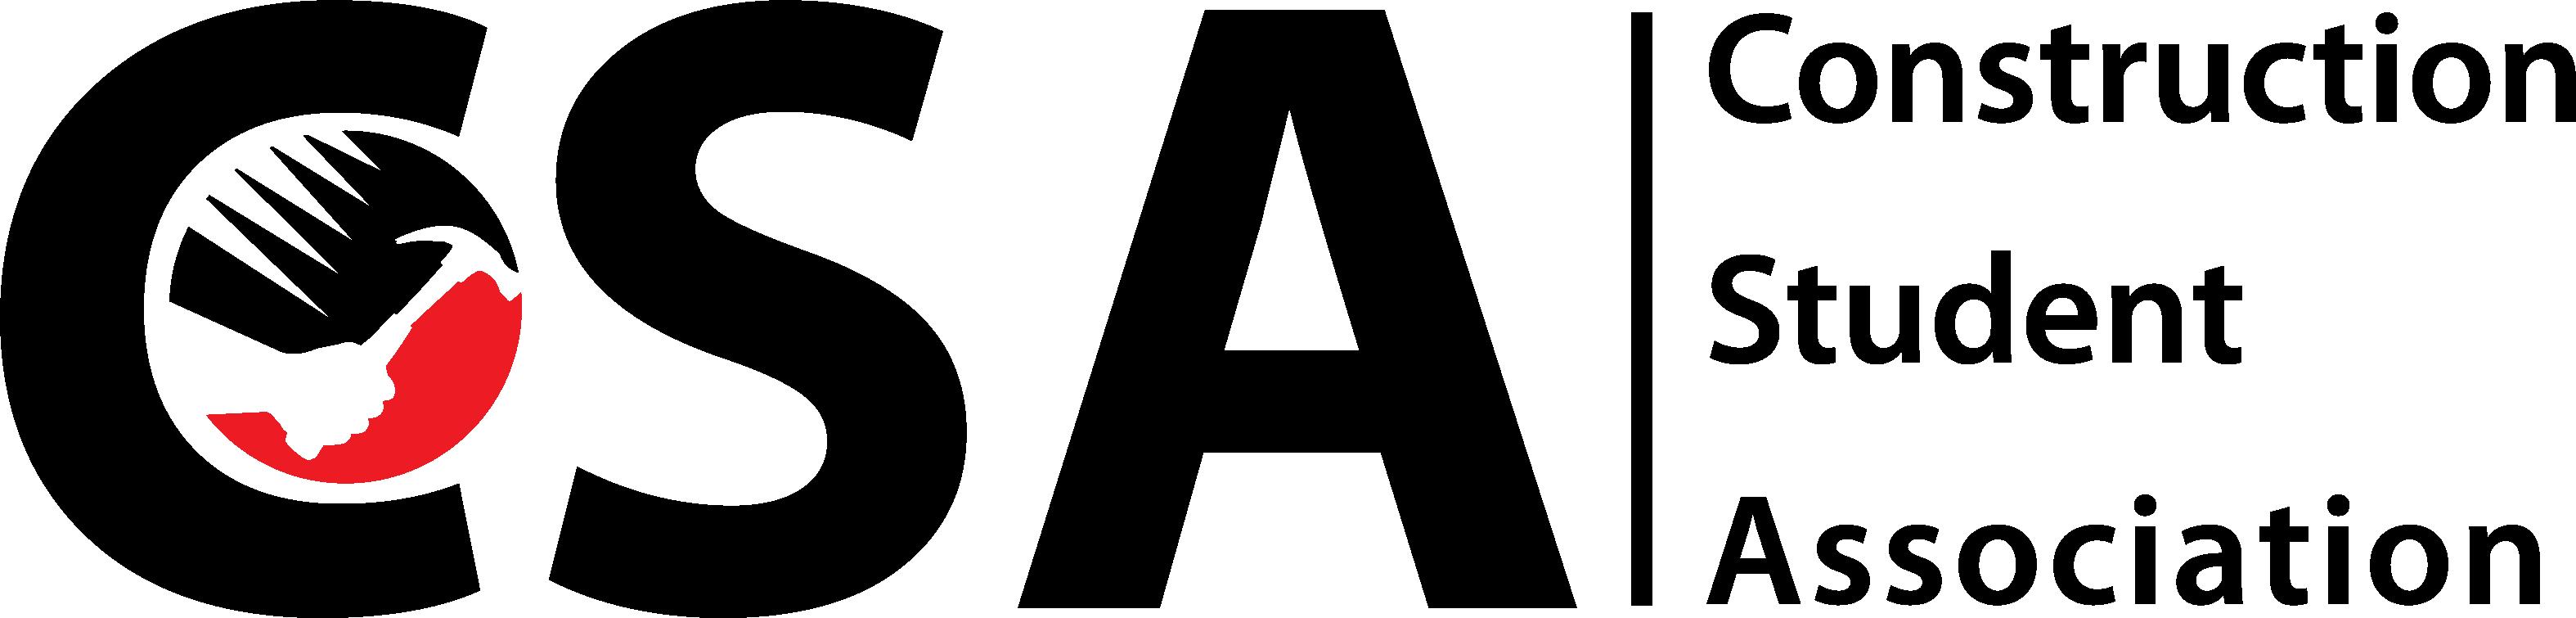 UC CSA